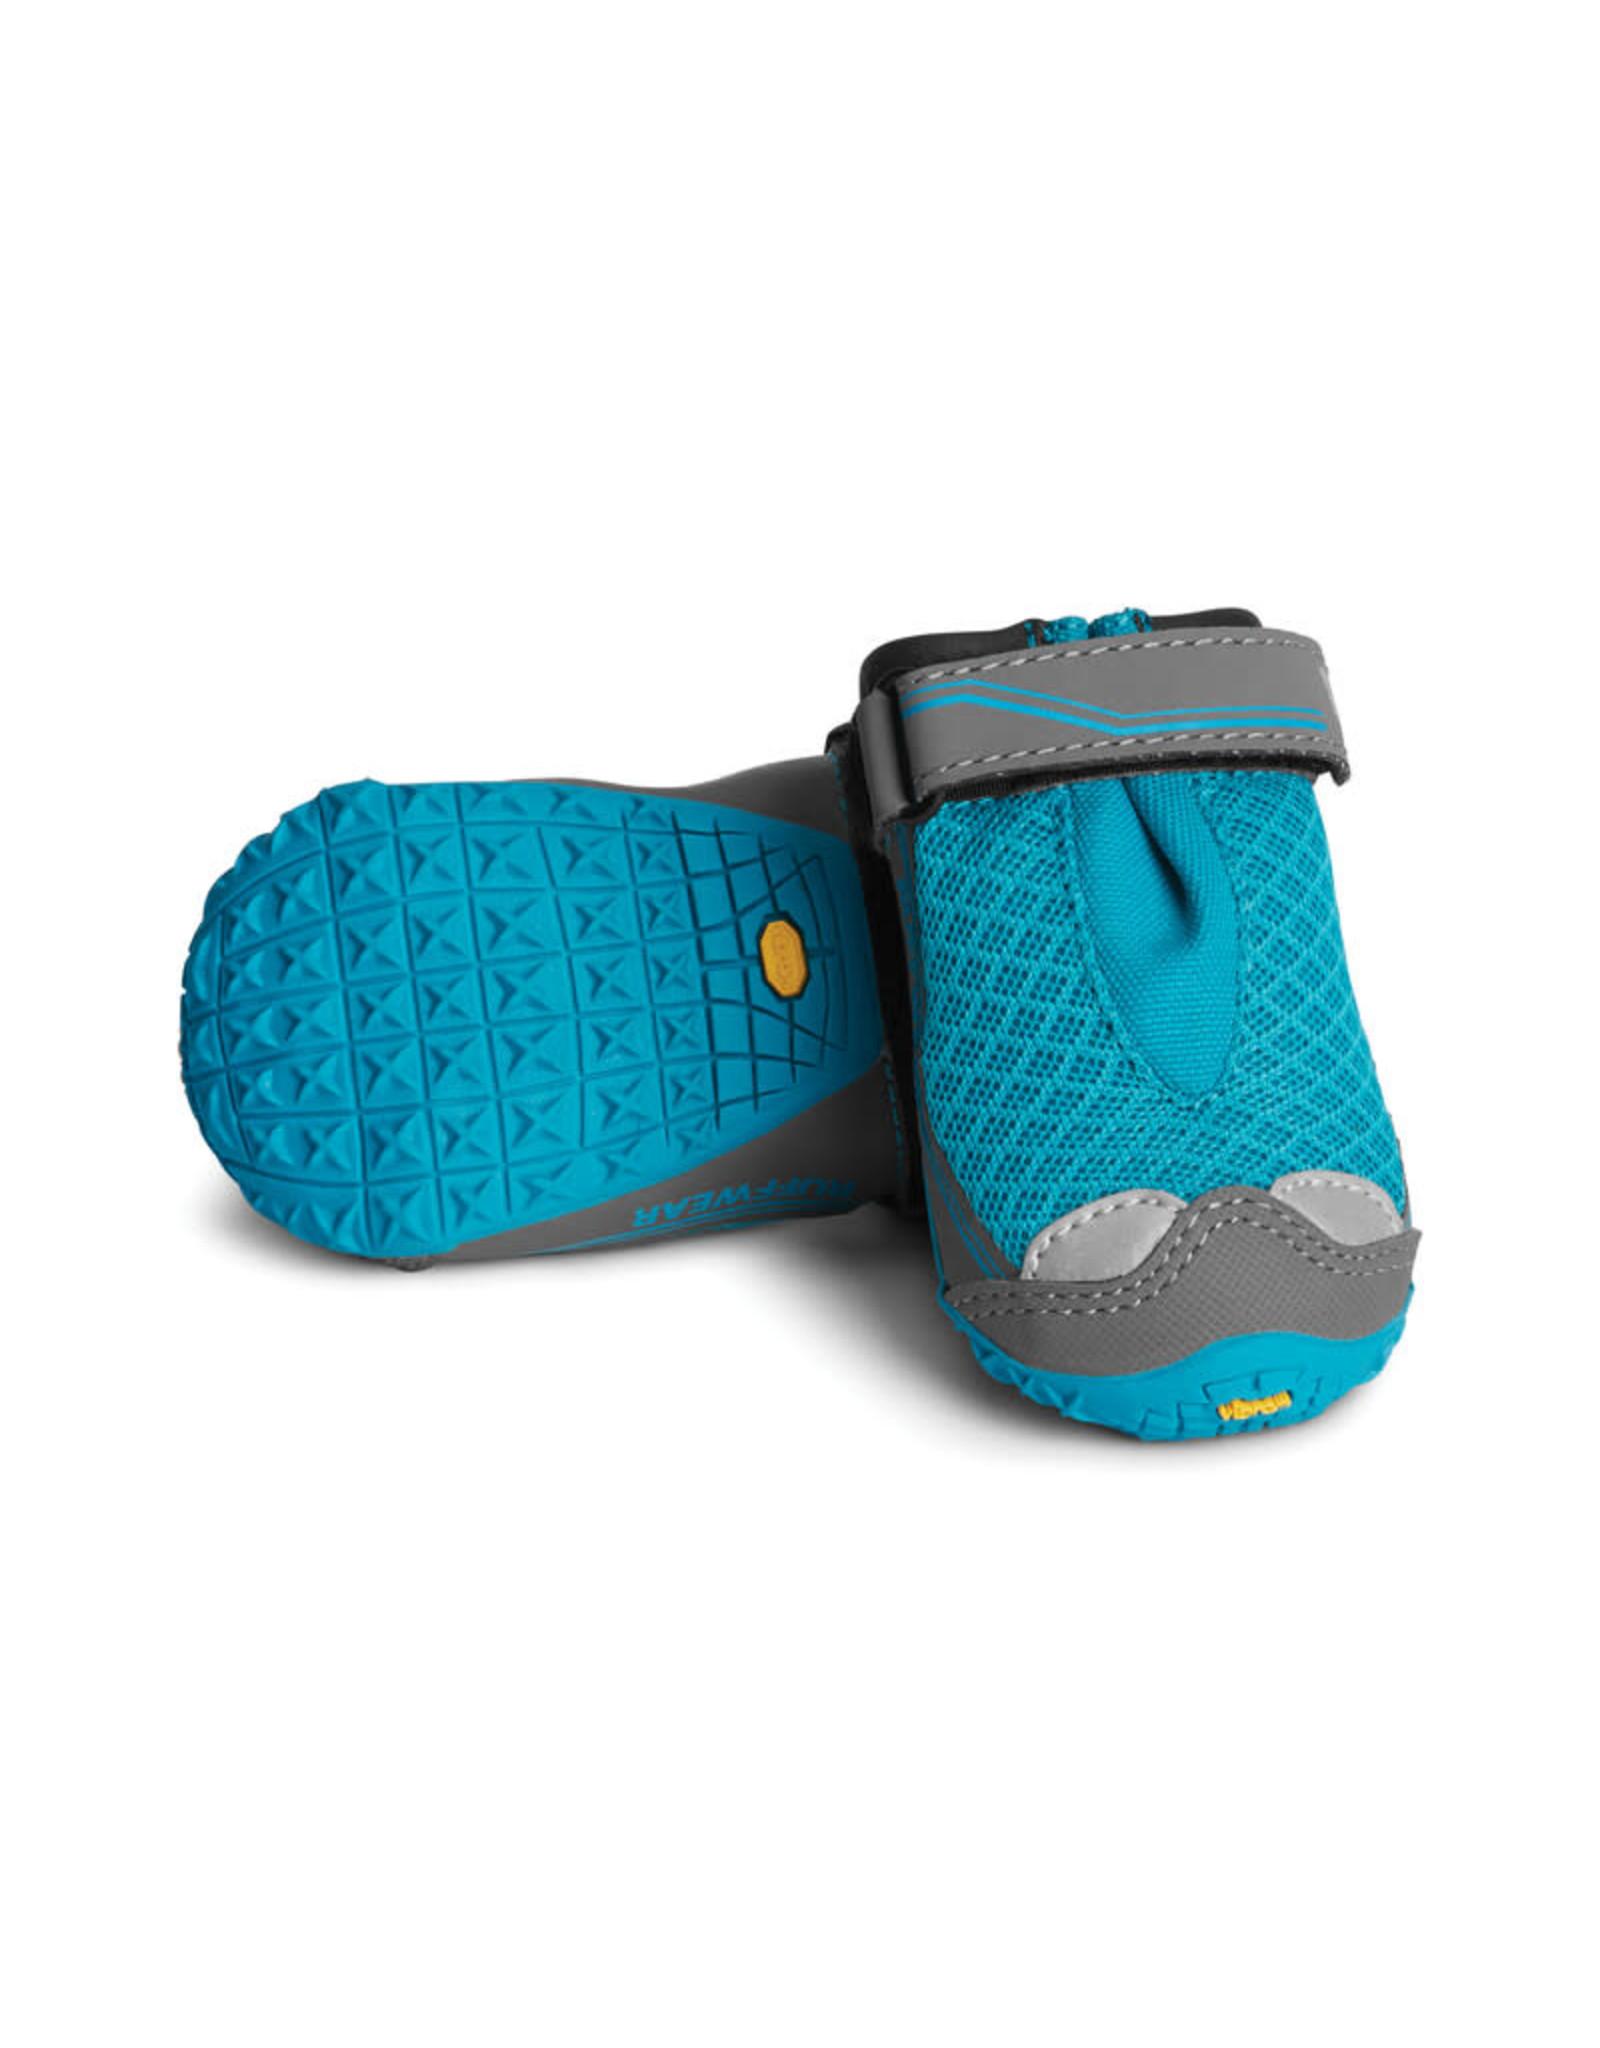 Ruffwear Grip Trex Boots Set of 4: Blue Spring, 2.75